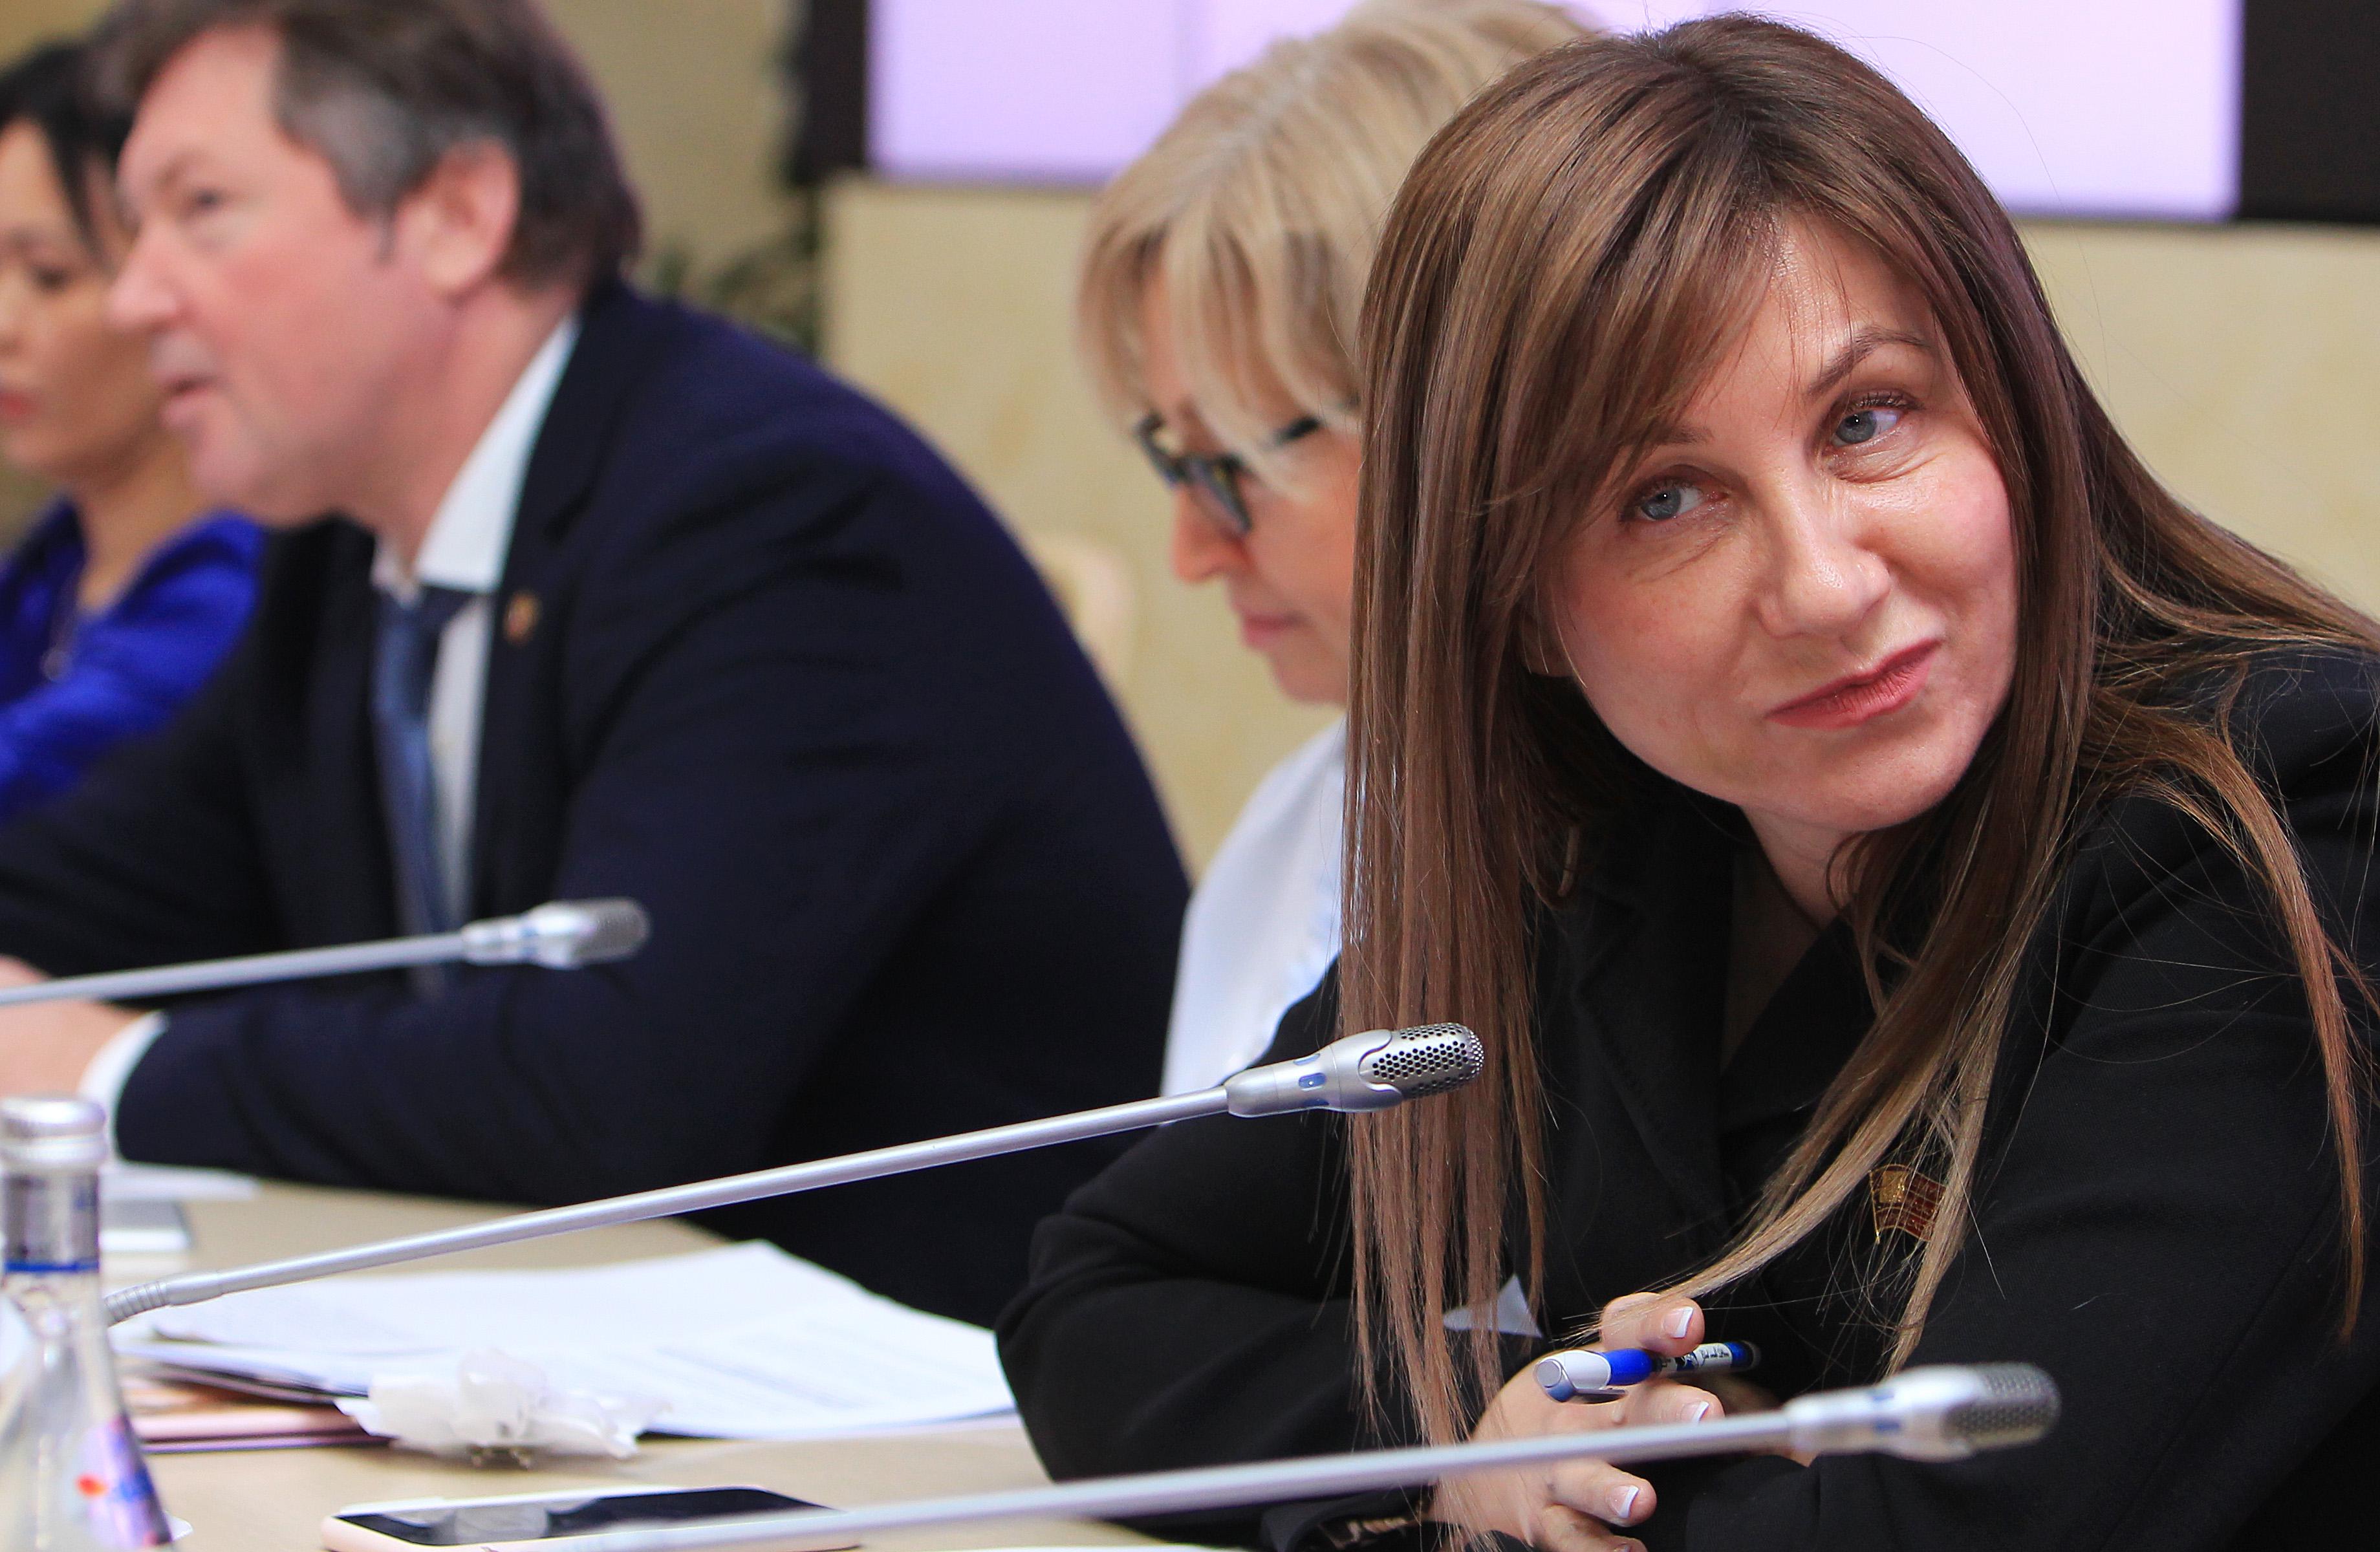 Депутат Мосгордумы Лариса Картавцева: Эпидемиологическая ситуация в столице в целом стабильна